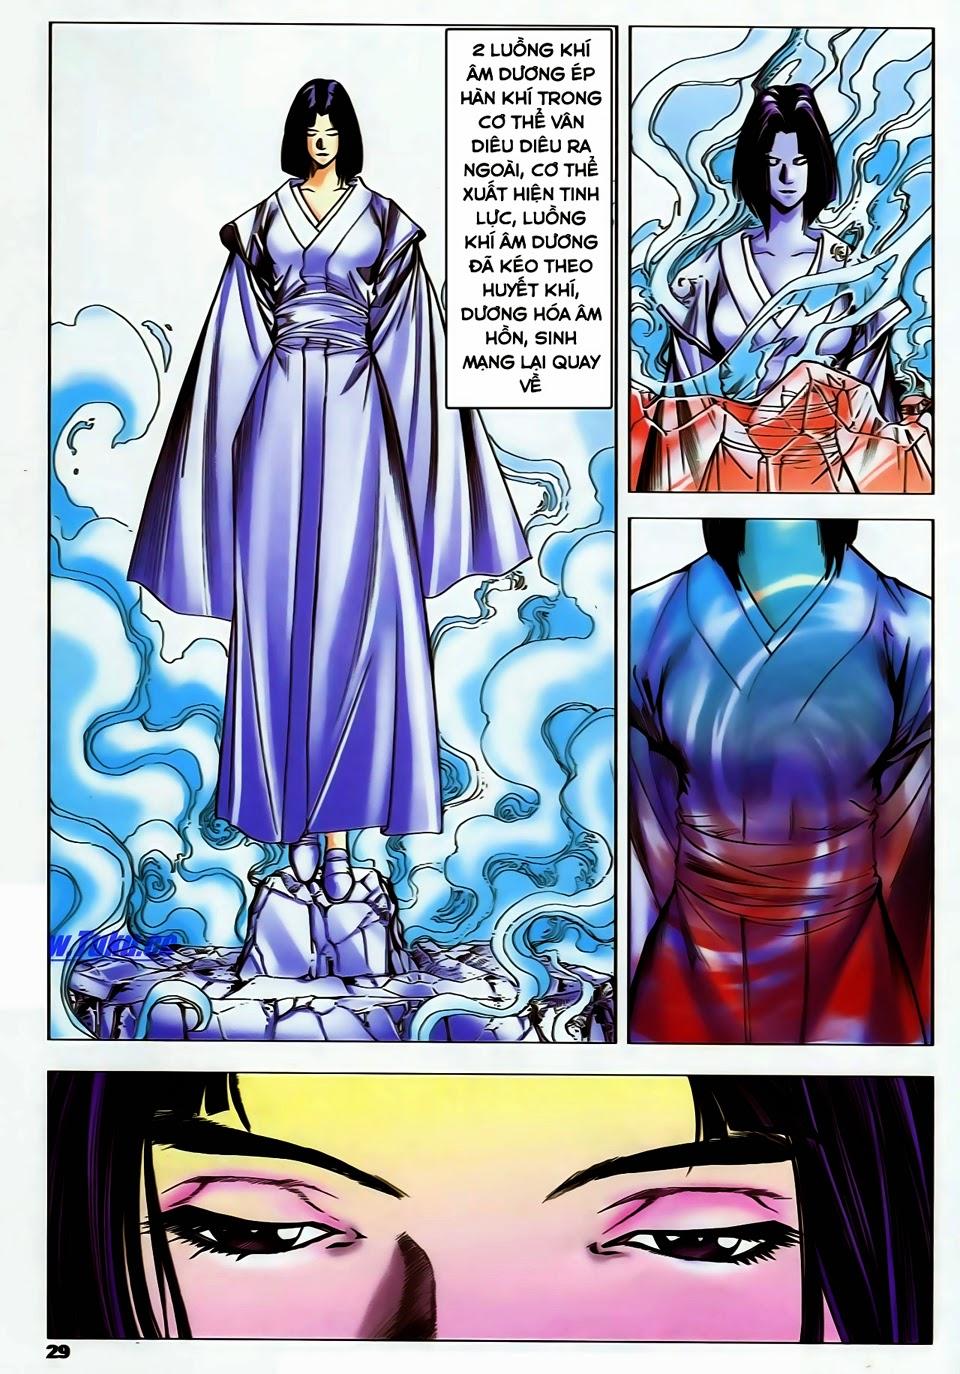 Lục Đạo Thiên Thư chap 37 - Trang 29